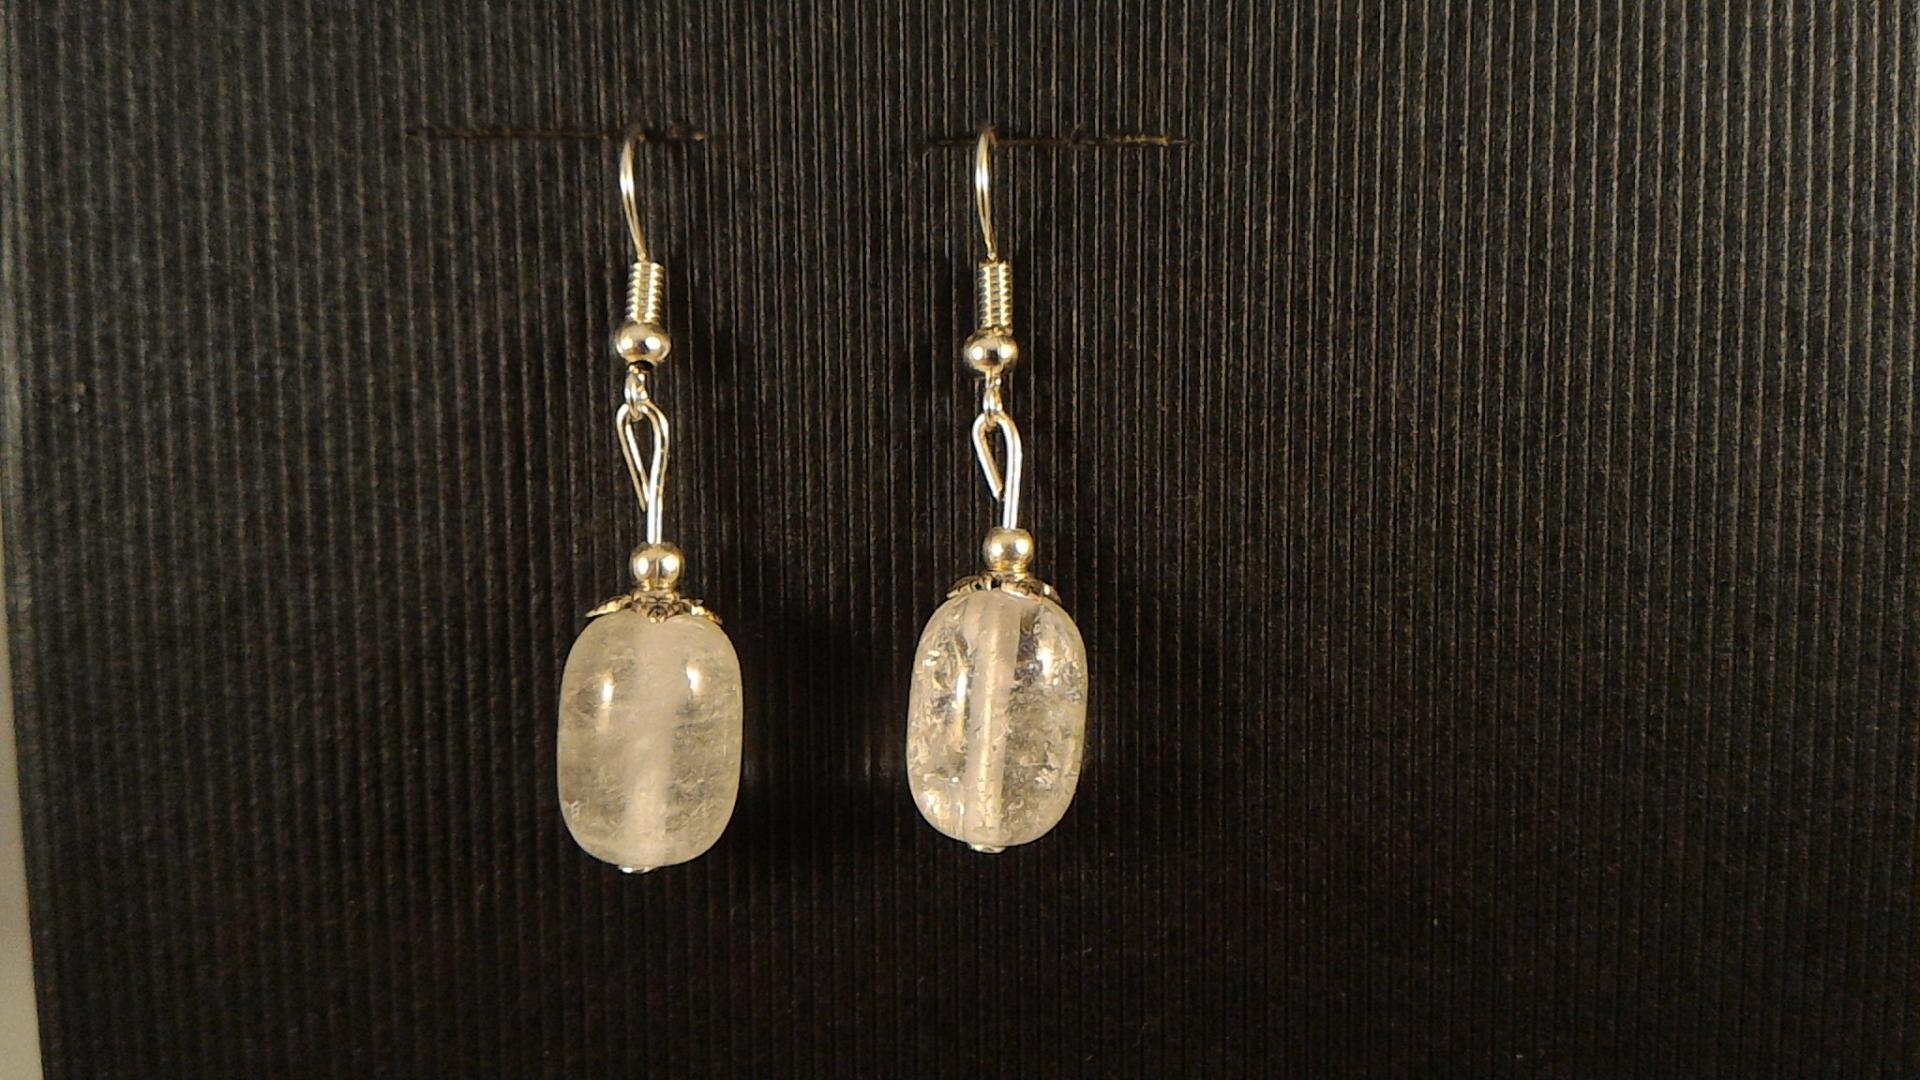 Boucles cristal de roche tonneau